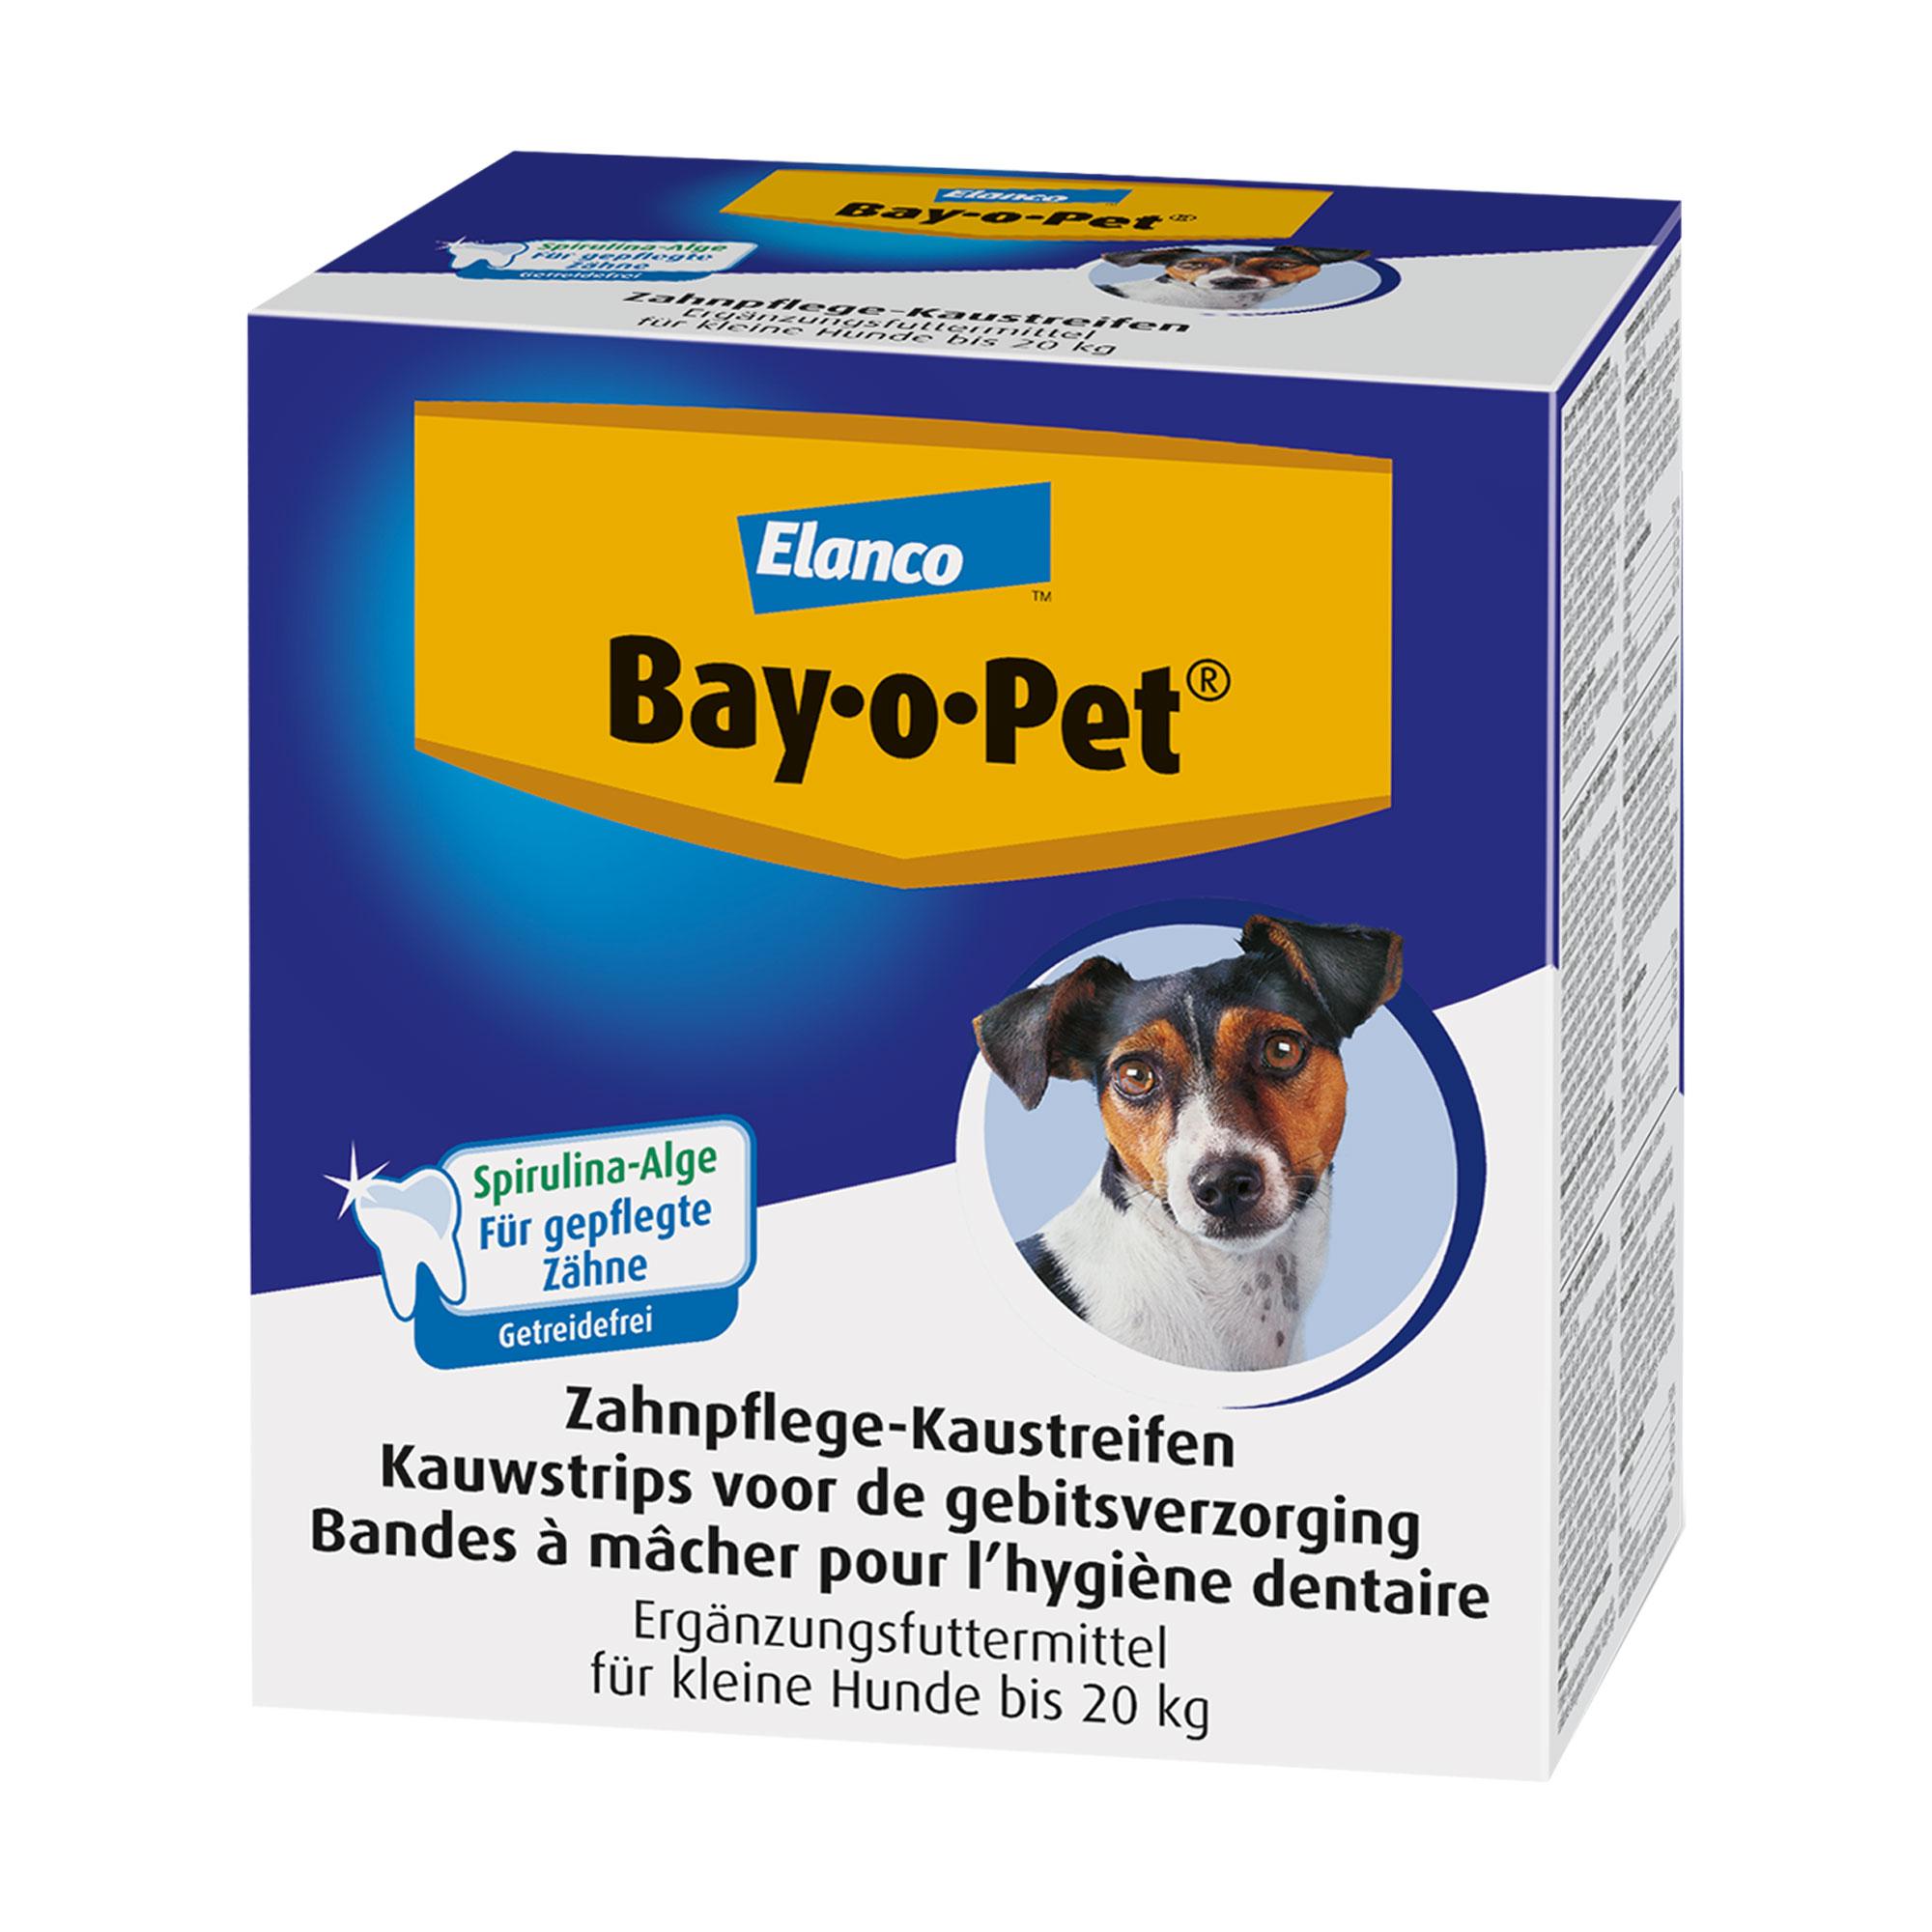 Bay O Pet Kaustreifen für kleine Hunde